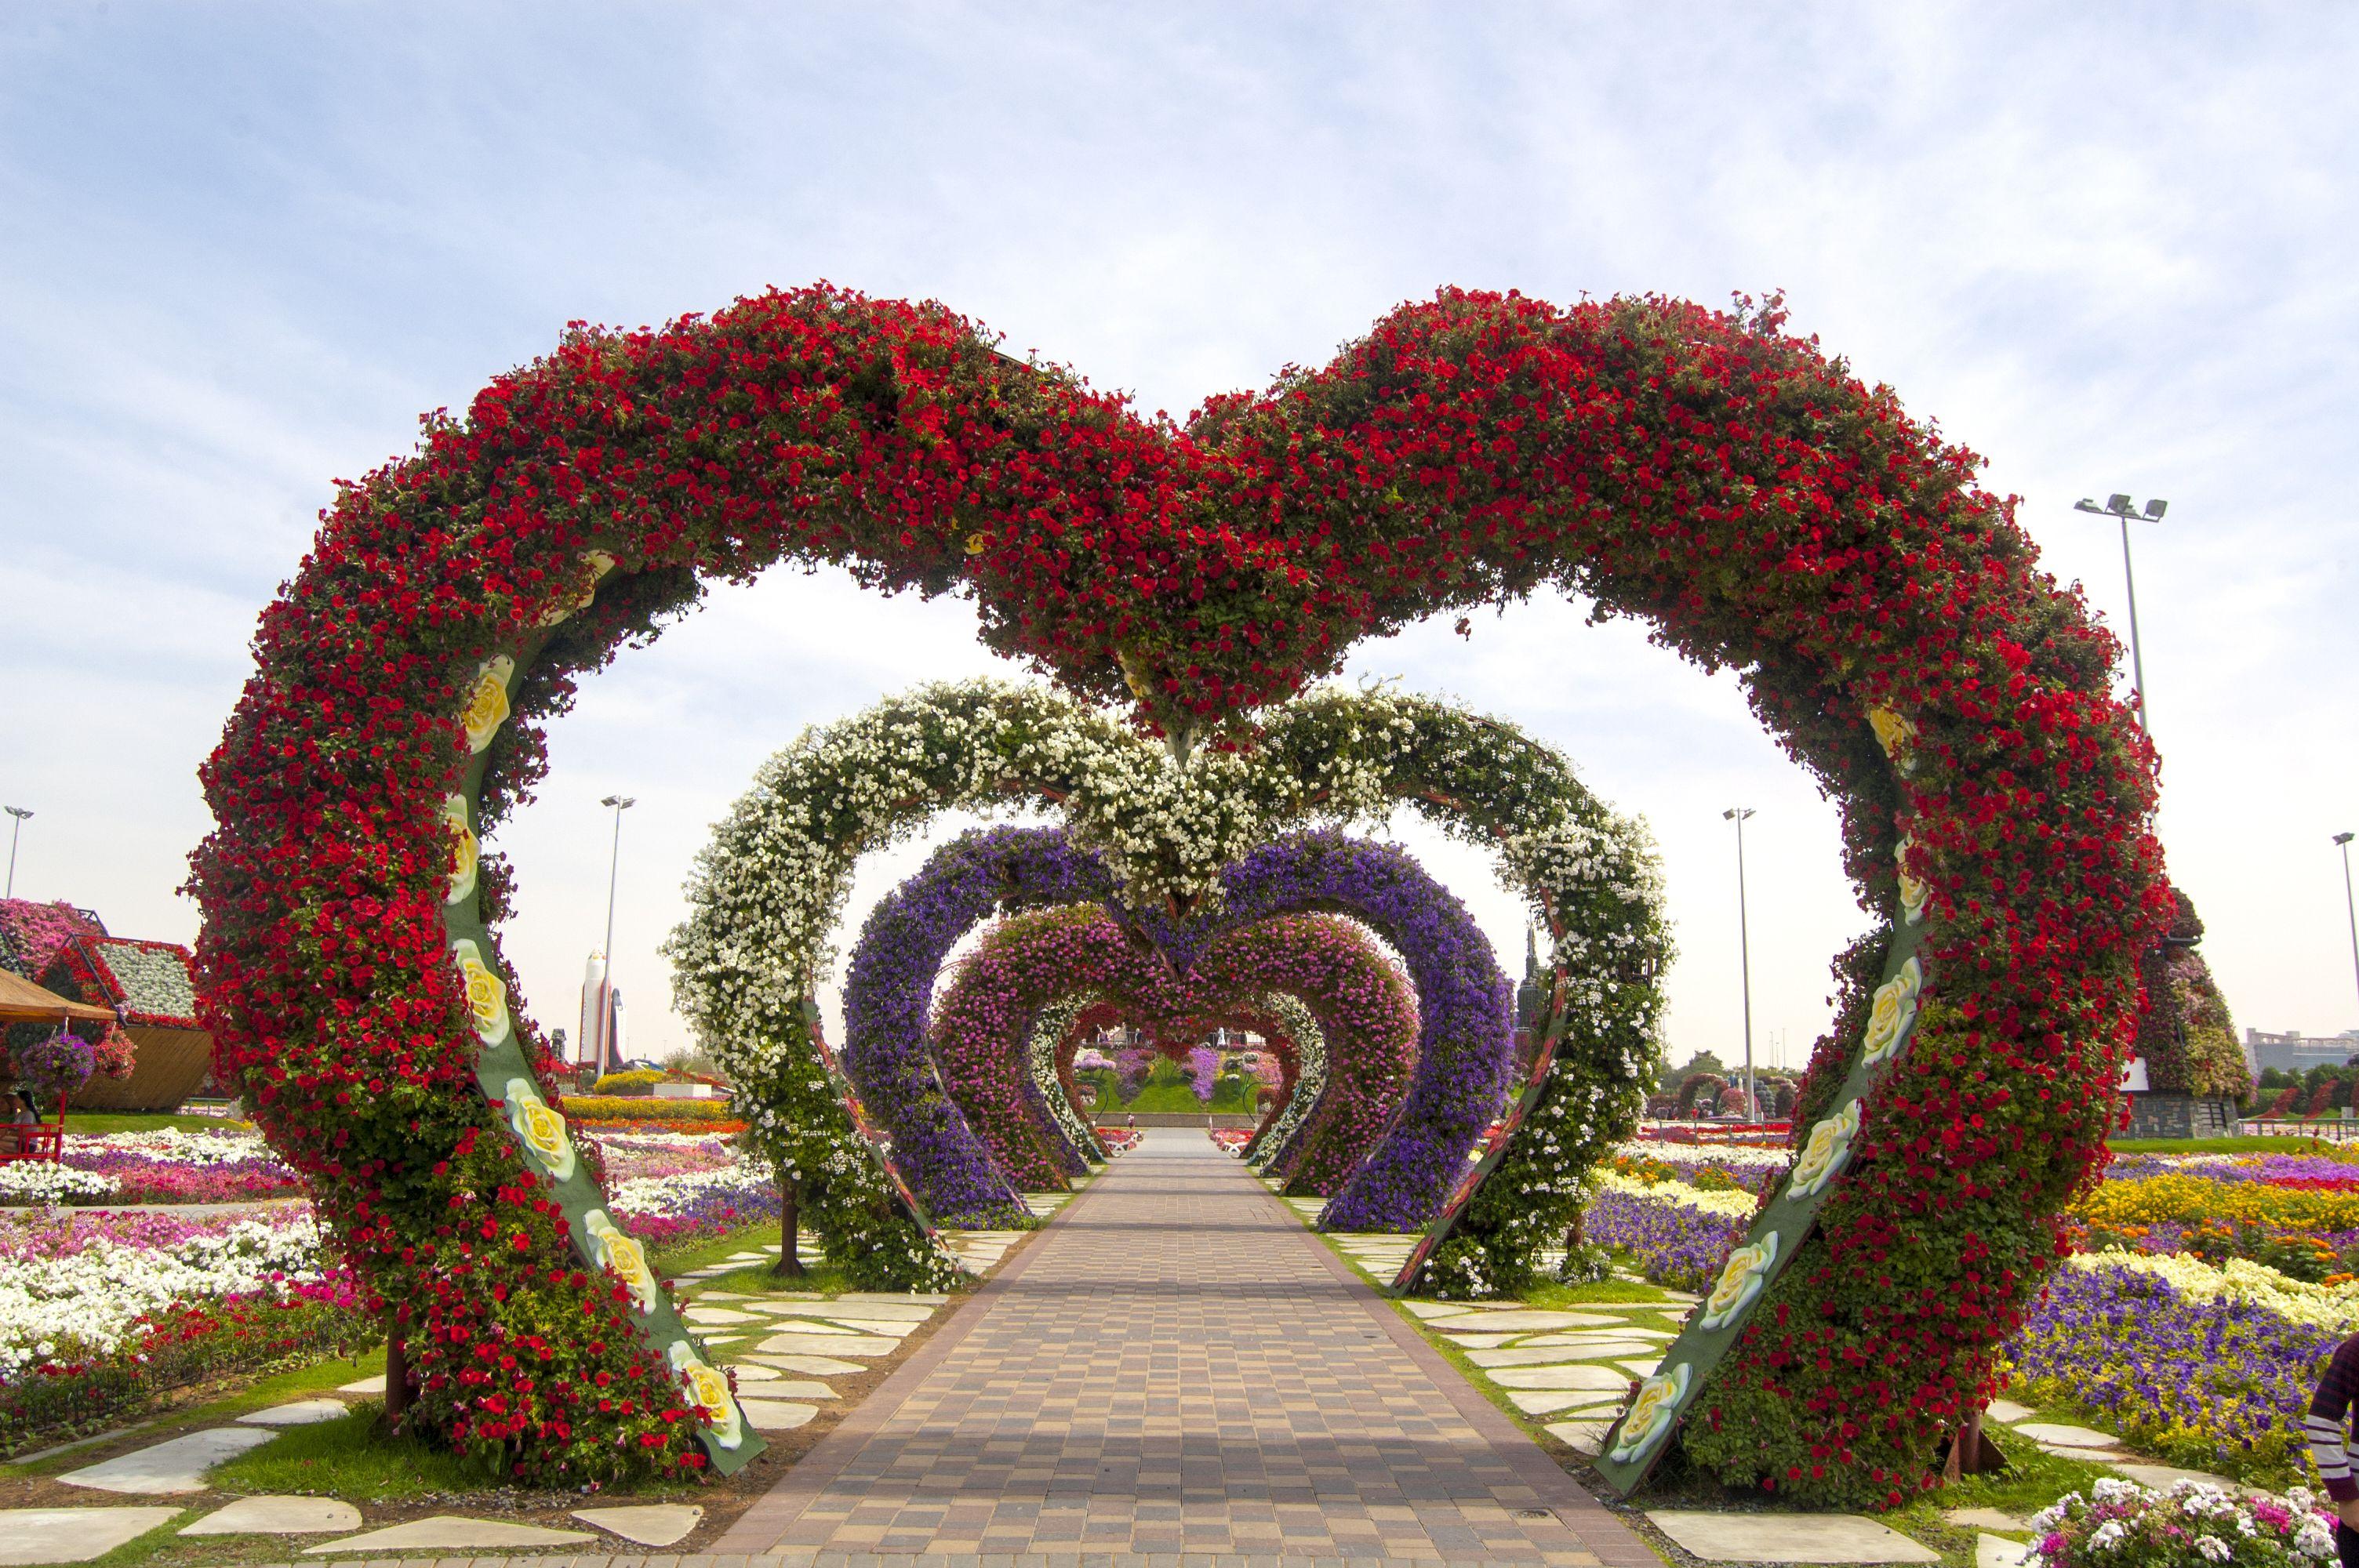 Dubai Miracle Garden A Virtual Tour Of The Famous Flower Garden